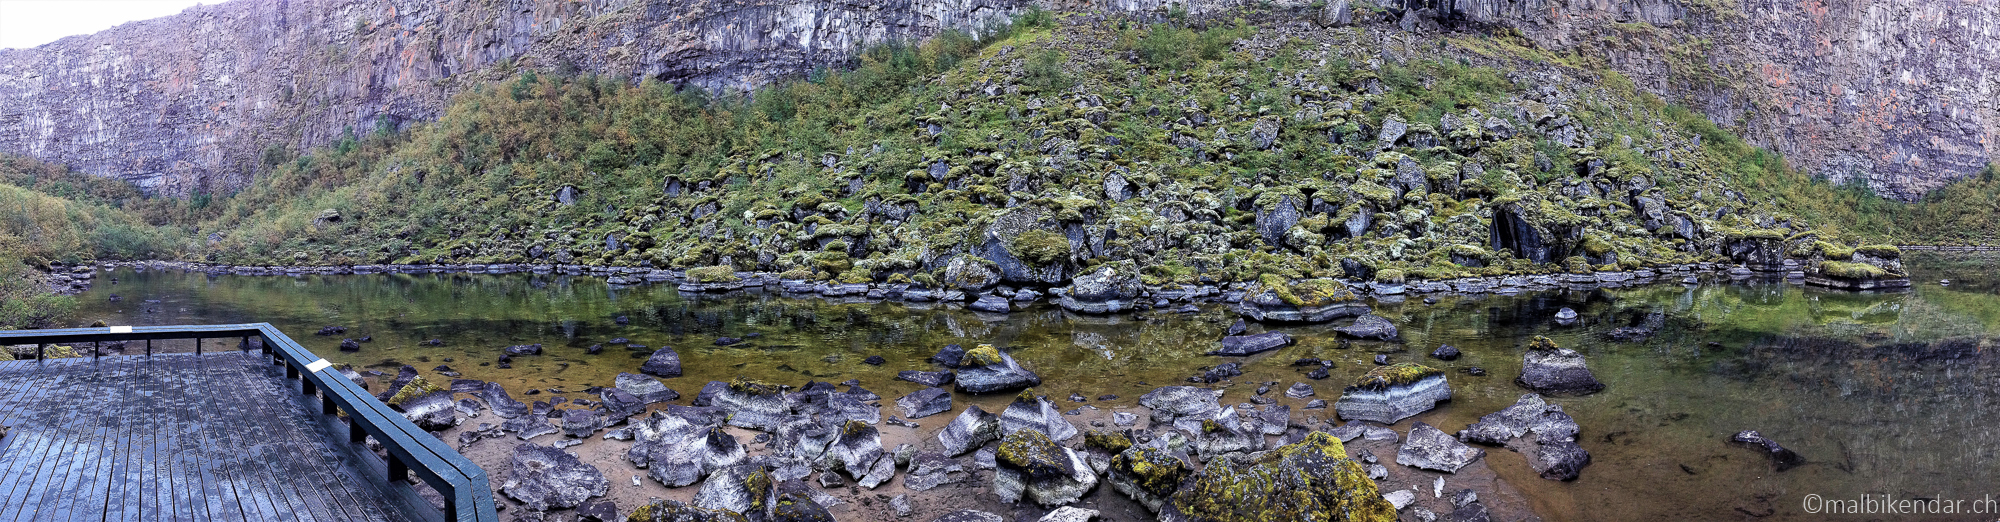 Randonnée à Asbyrgi, comme un congélateur, le lac Botnstjörn